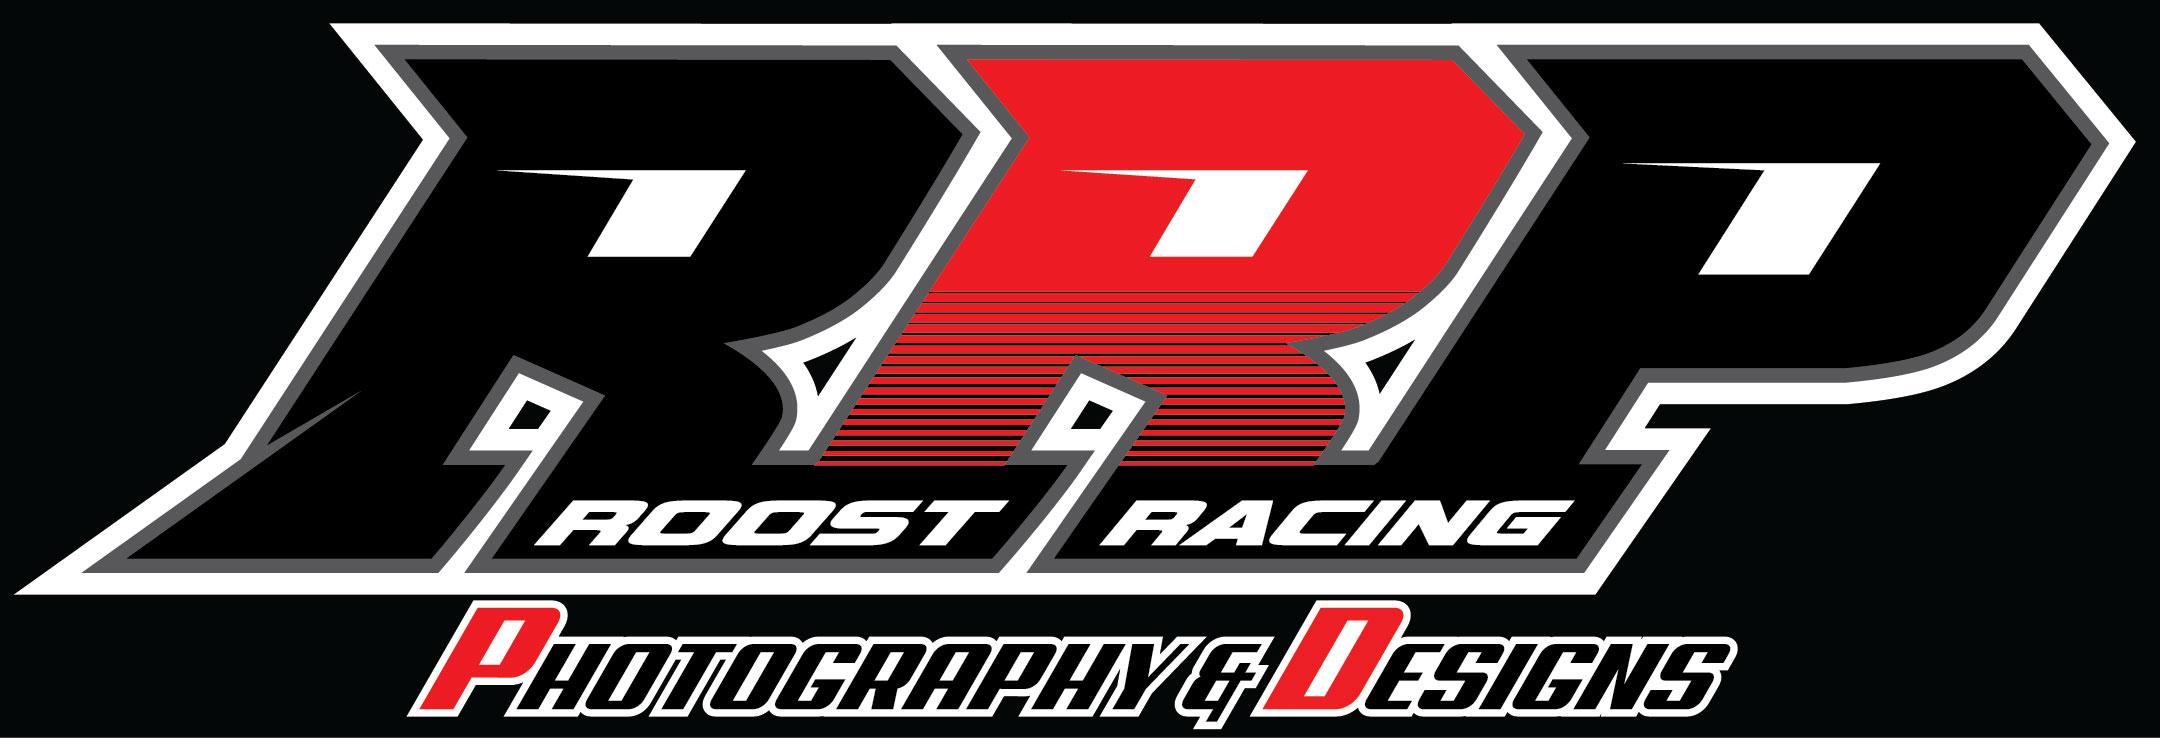 Roost Racing 2018